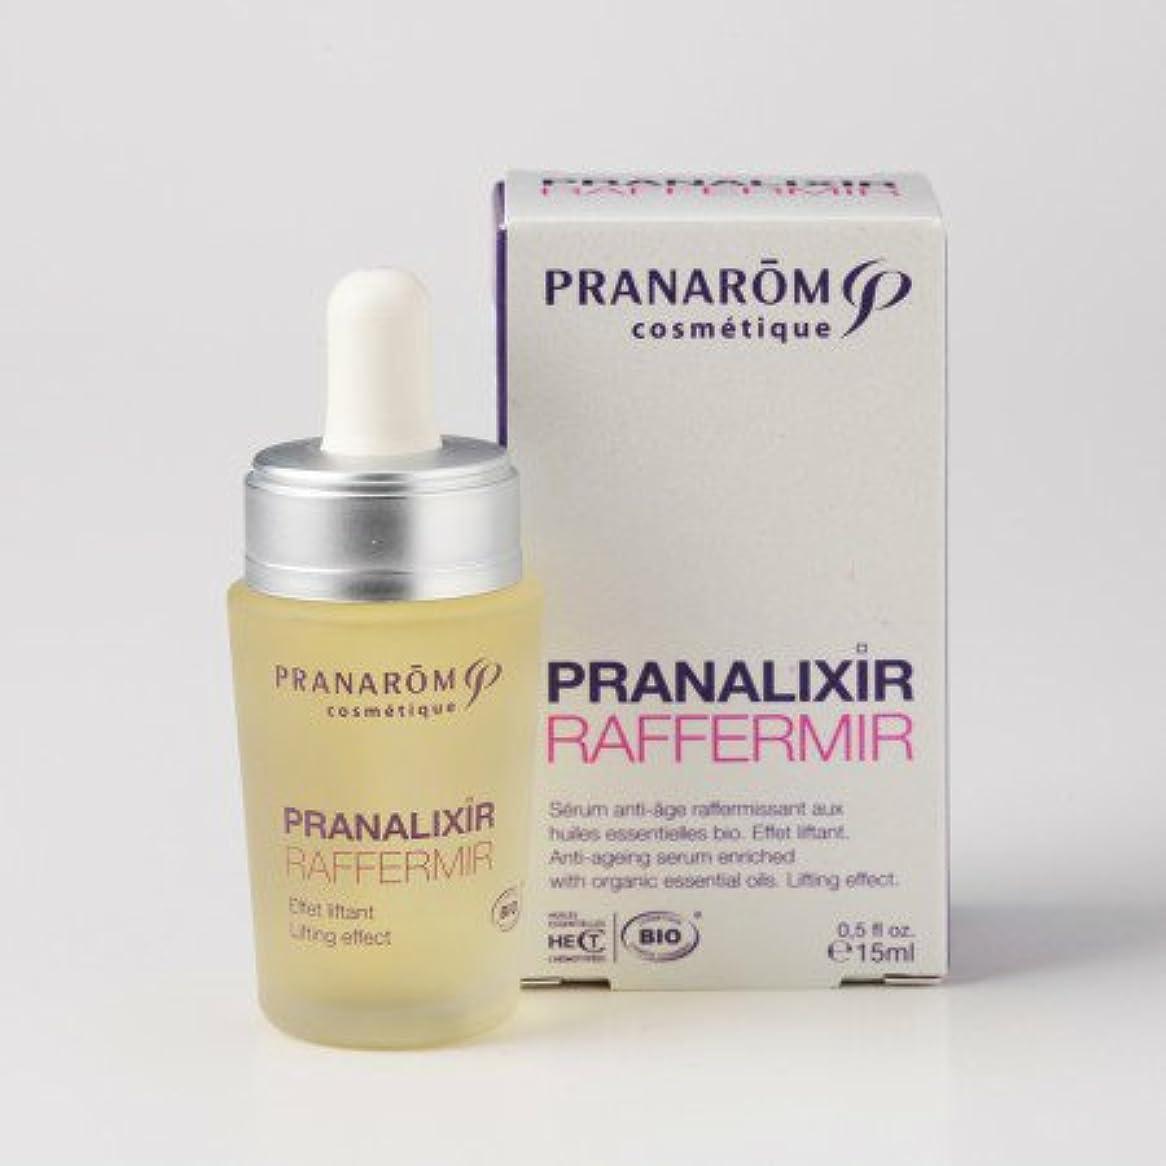 プラナロム プラナリキシア ラフェルミア 15ml エイジングケア (PRANAROM 美容液 プラナリキシア)